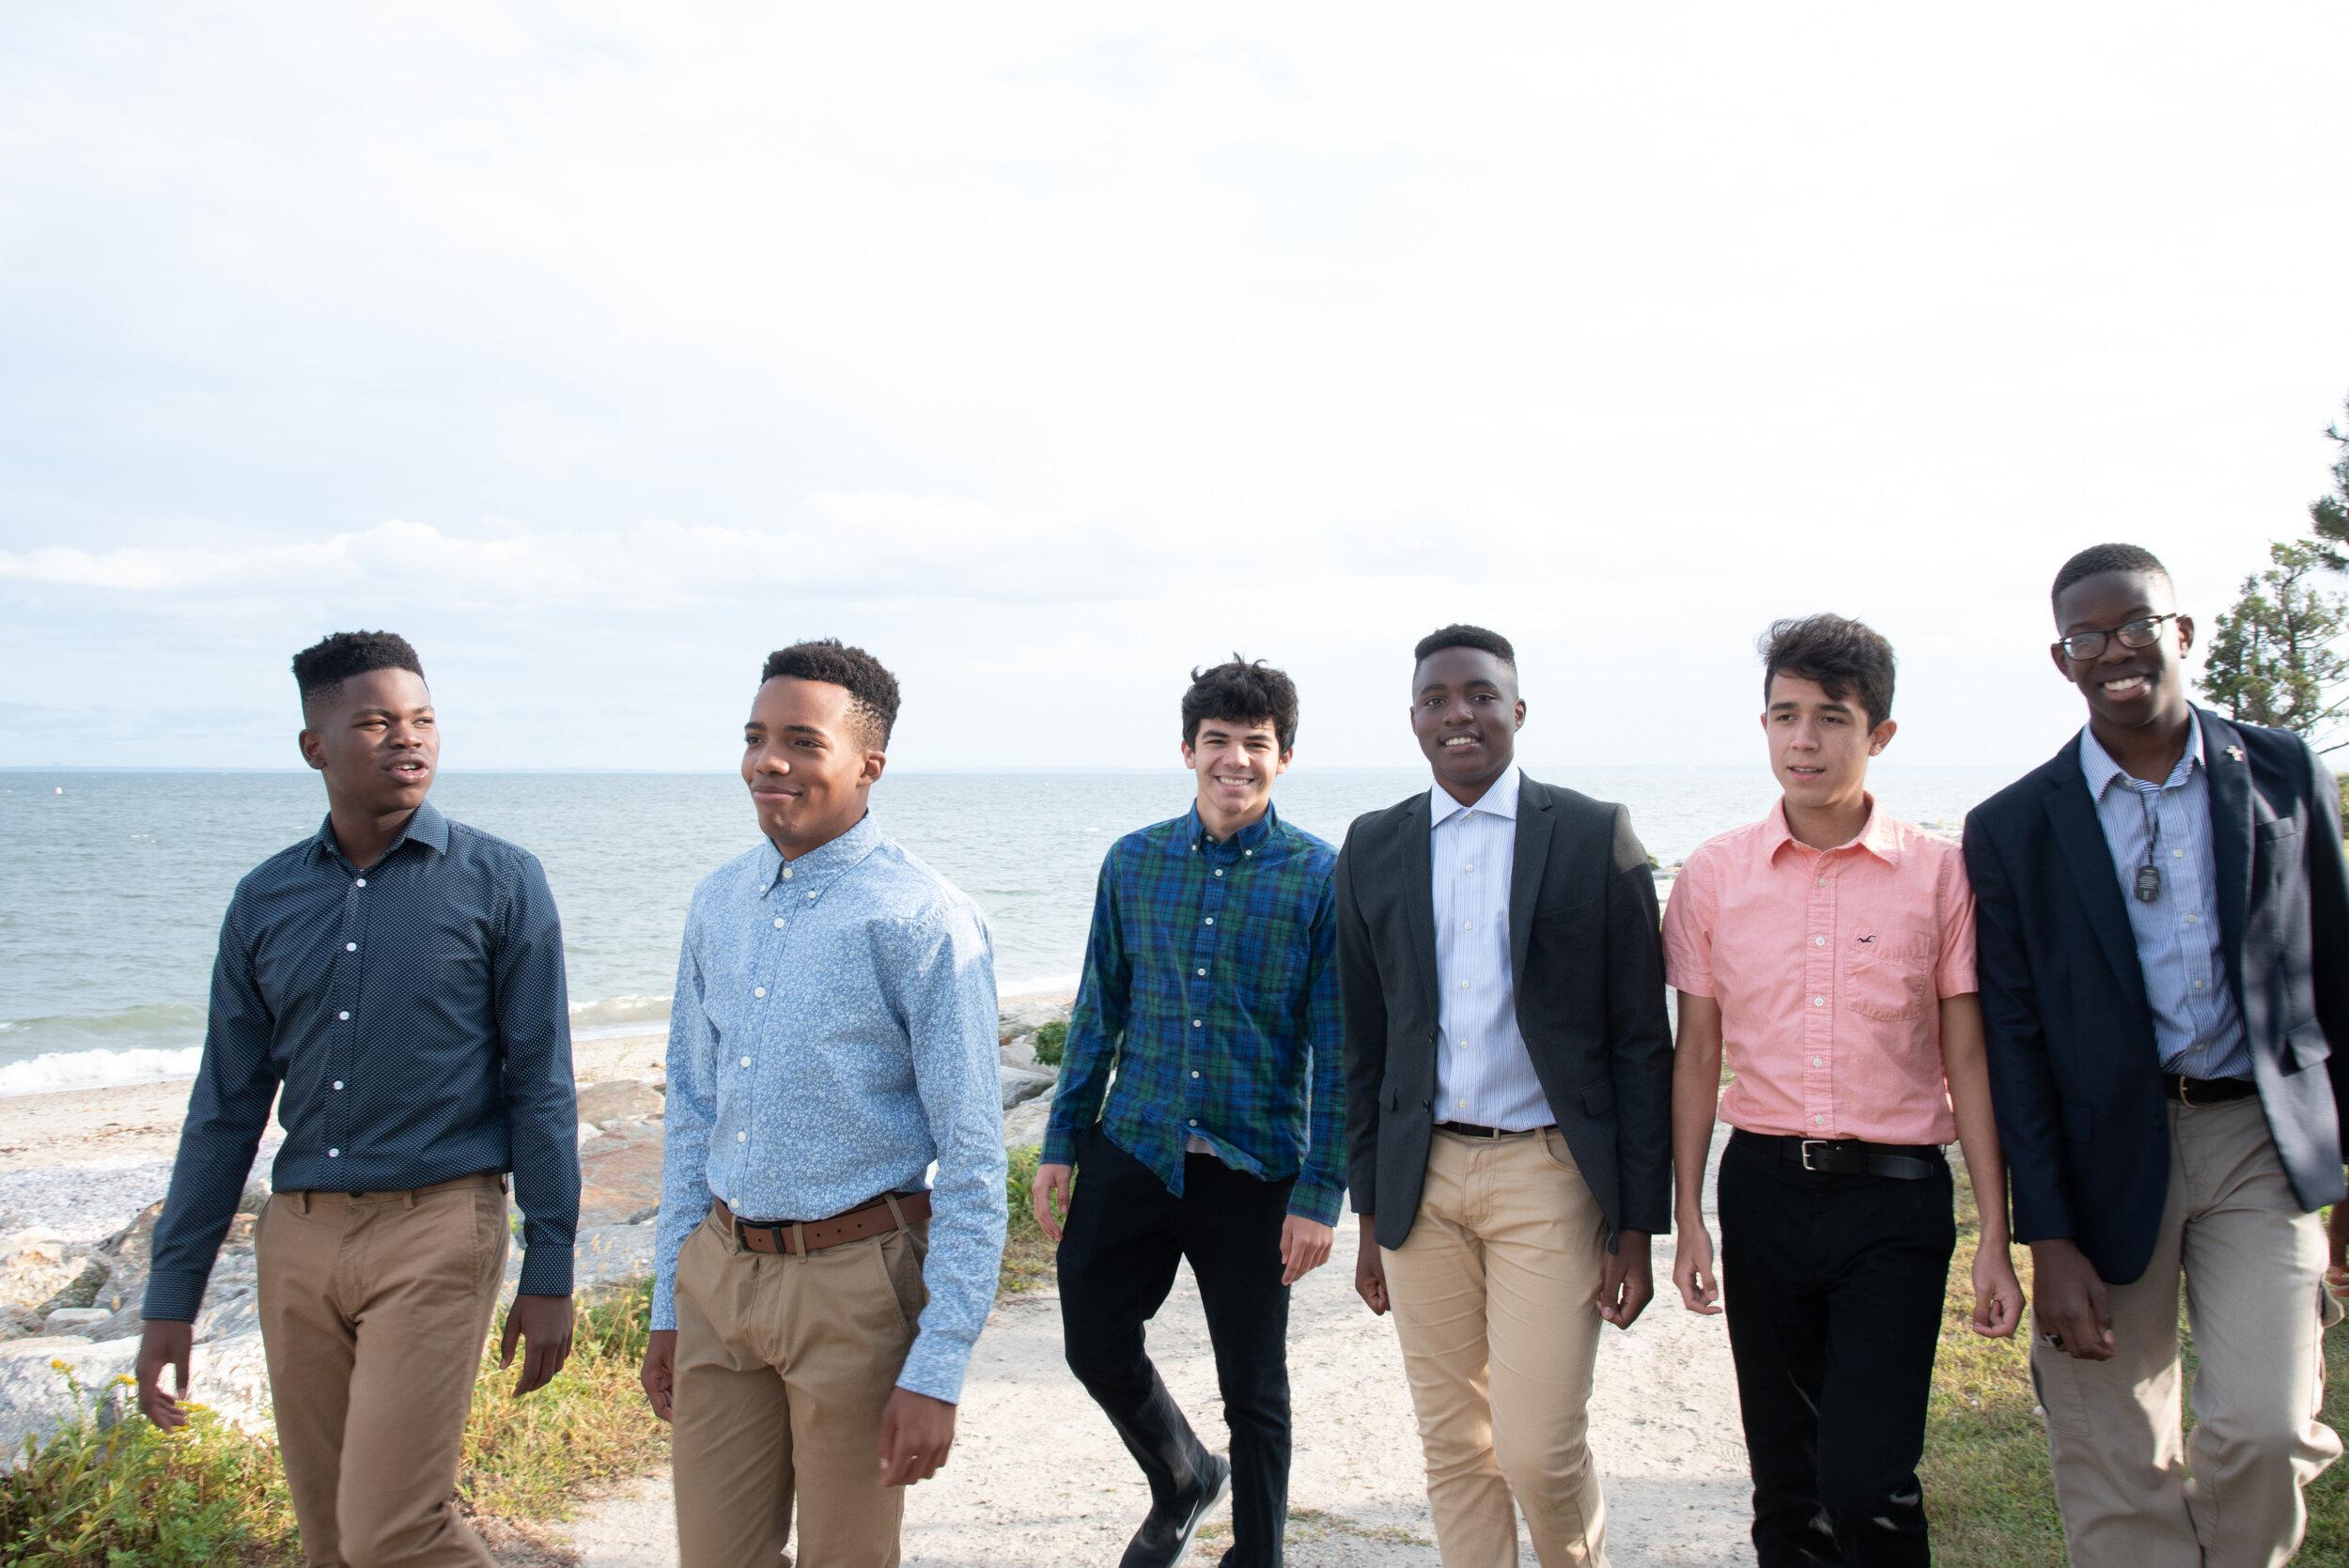 2019 - 2020: A Better Chance Of Westport Scholars